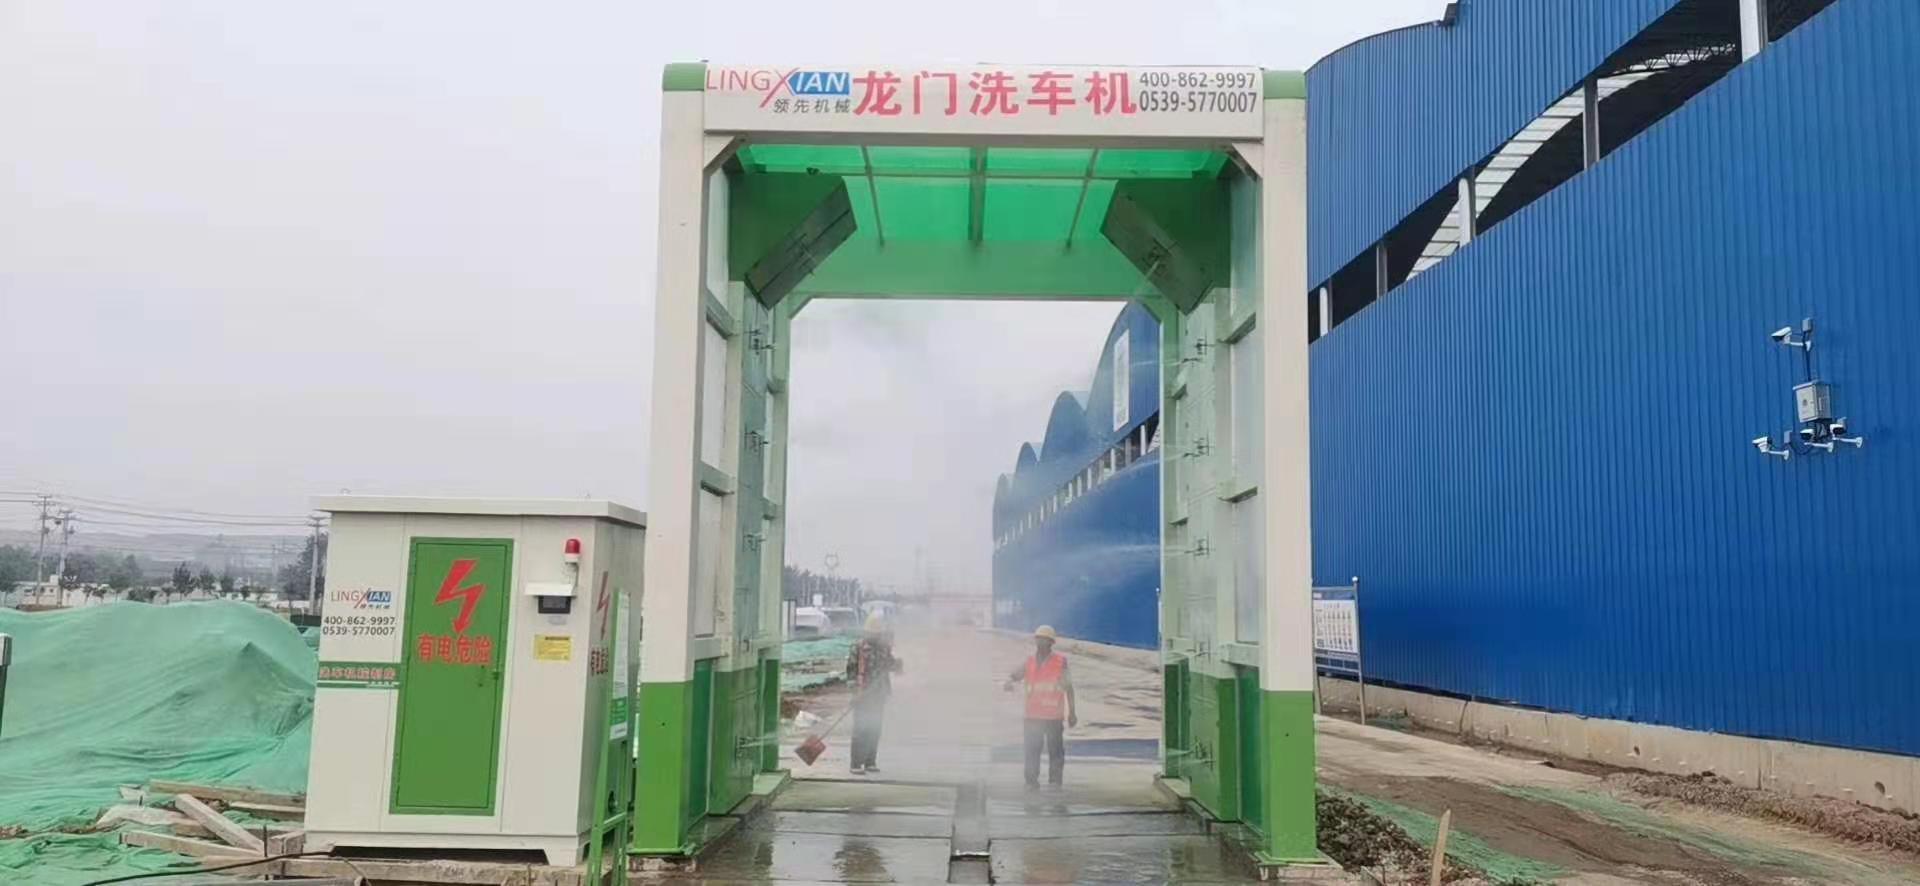 龙门洗车机图片